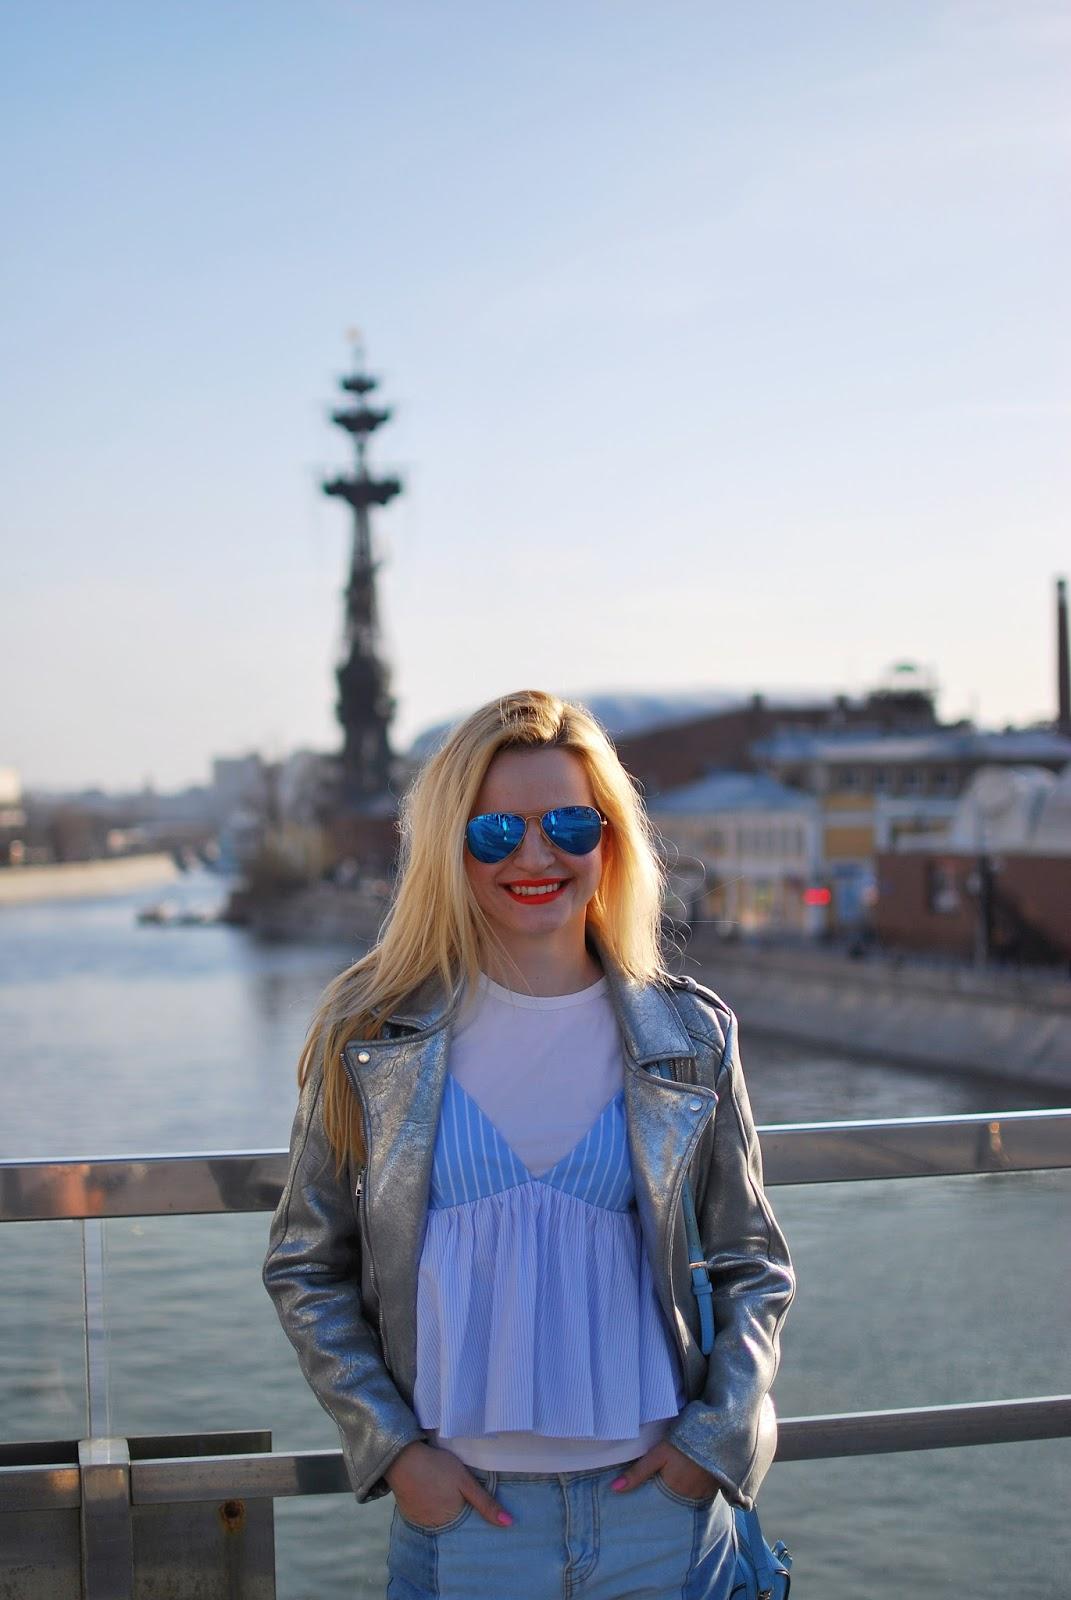 модные блоггеры, fashion trends, тренды 2017, модные образы, модные джинсы